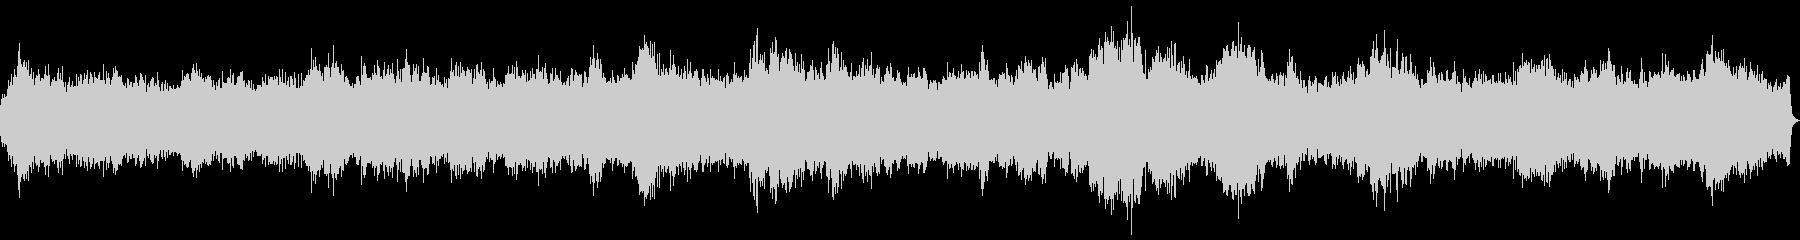 ゾンビΓÇÿフィナーレの未再生の波形